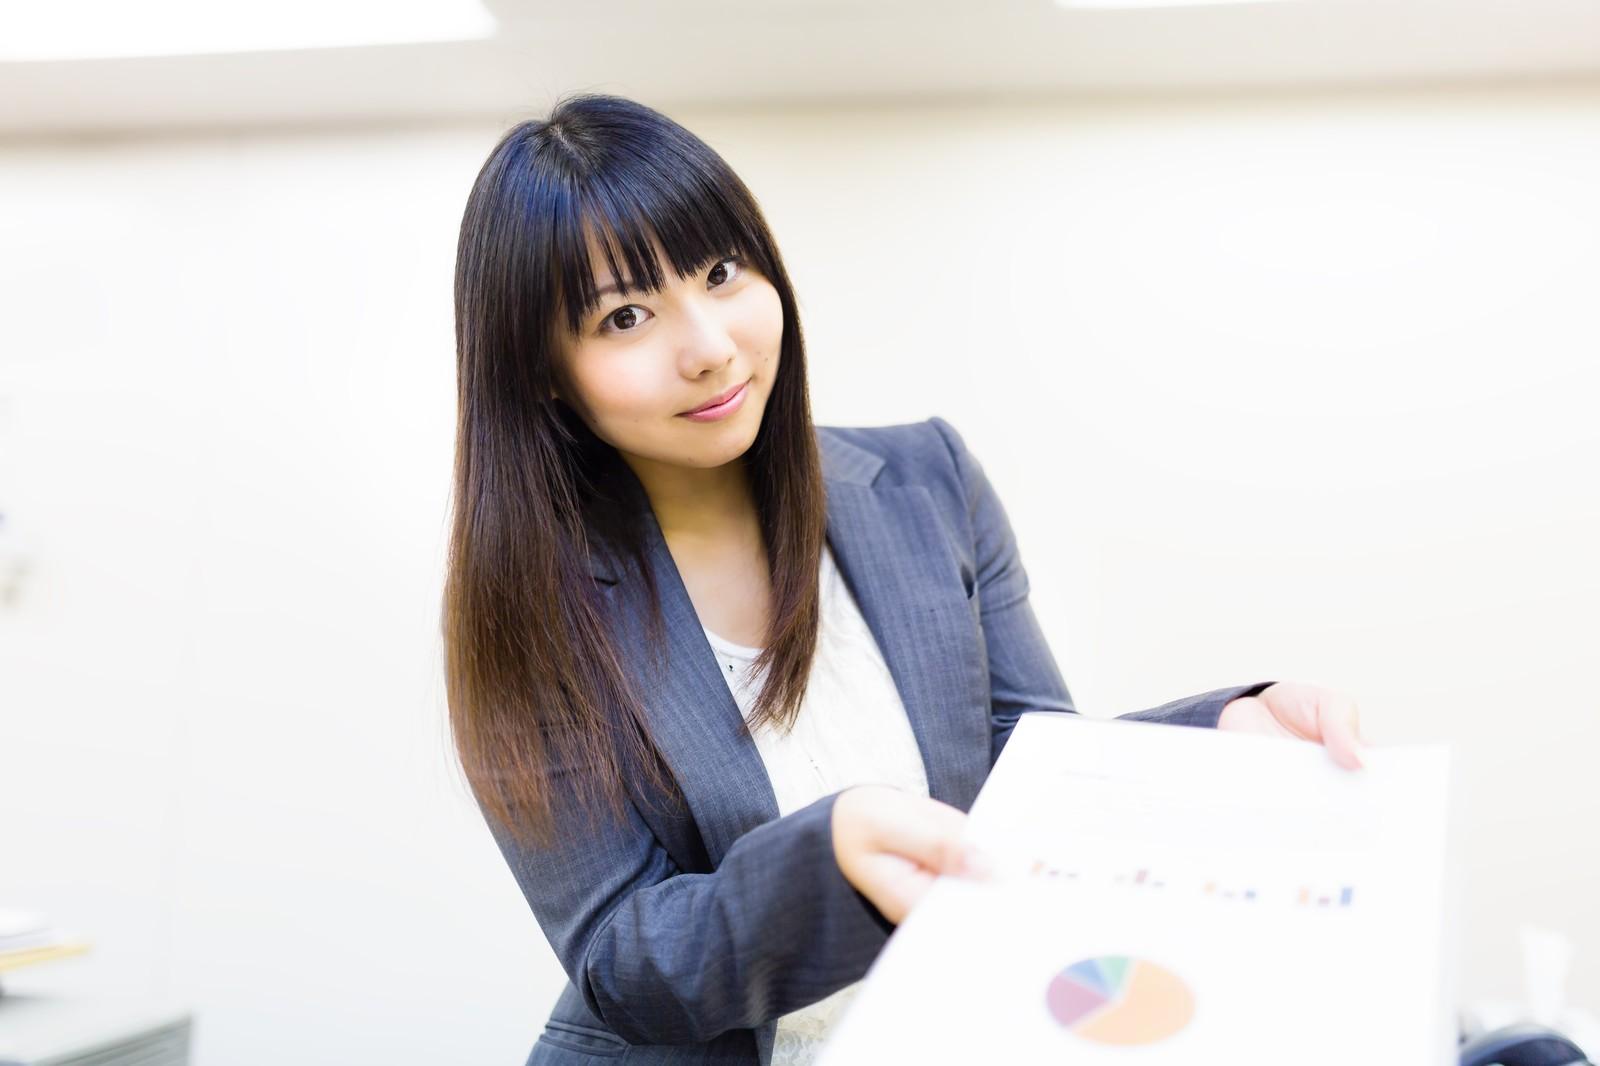 日本生命の契約内容確認活動とは一体何?わかりやすく解説!